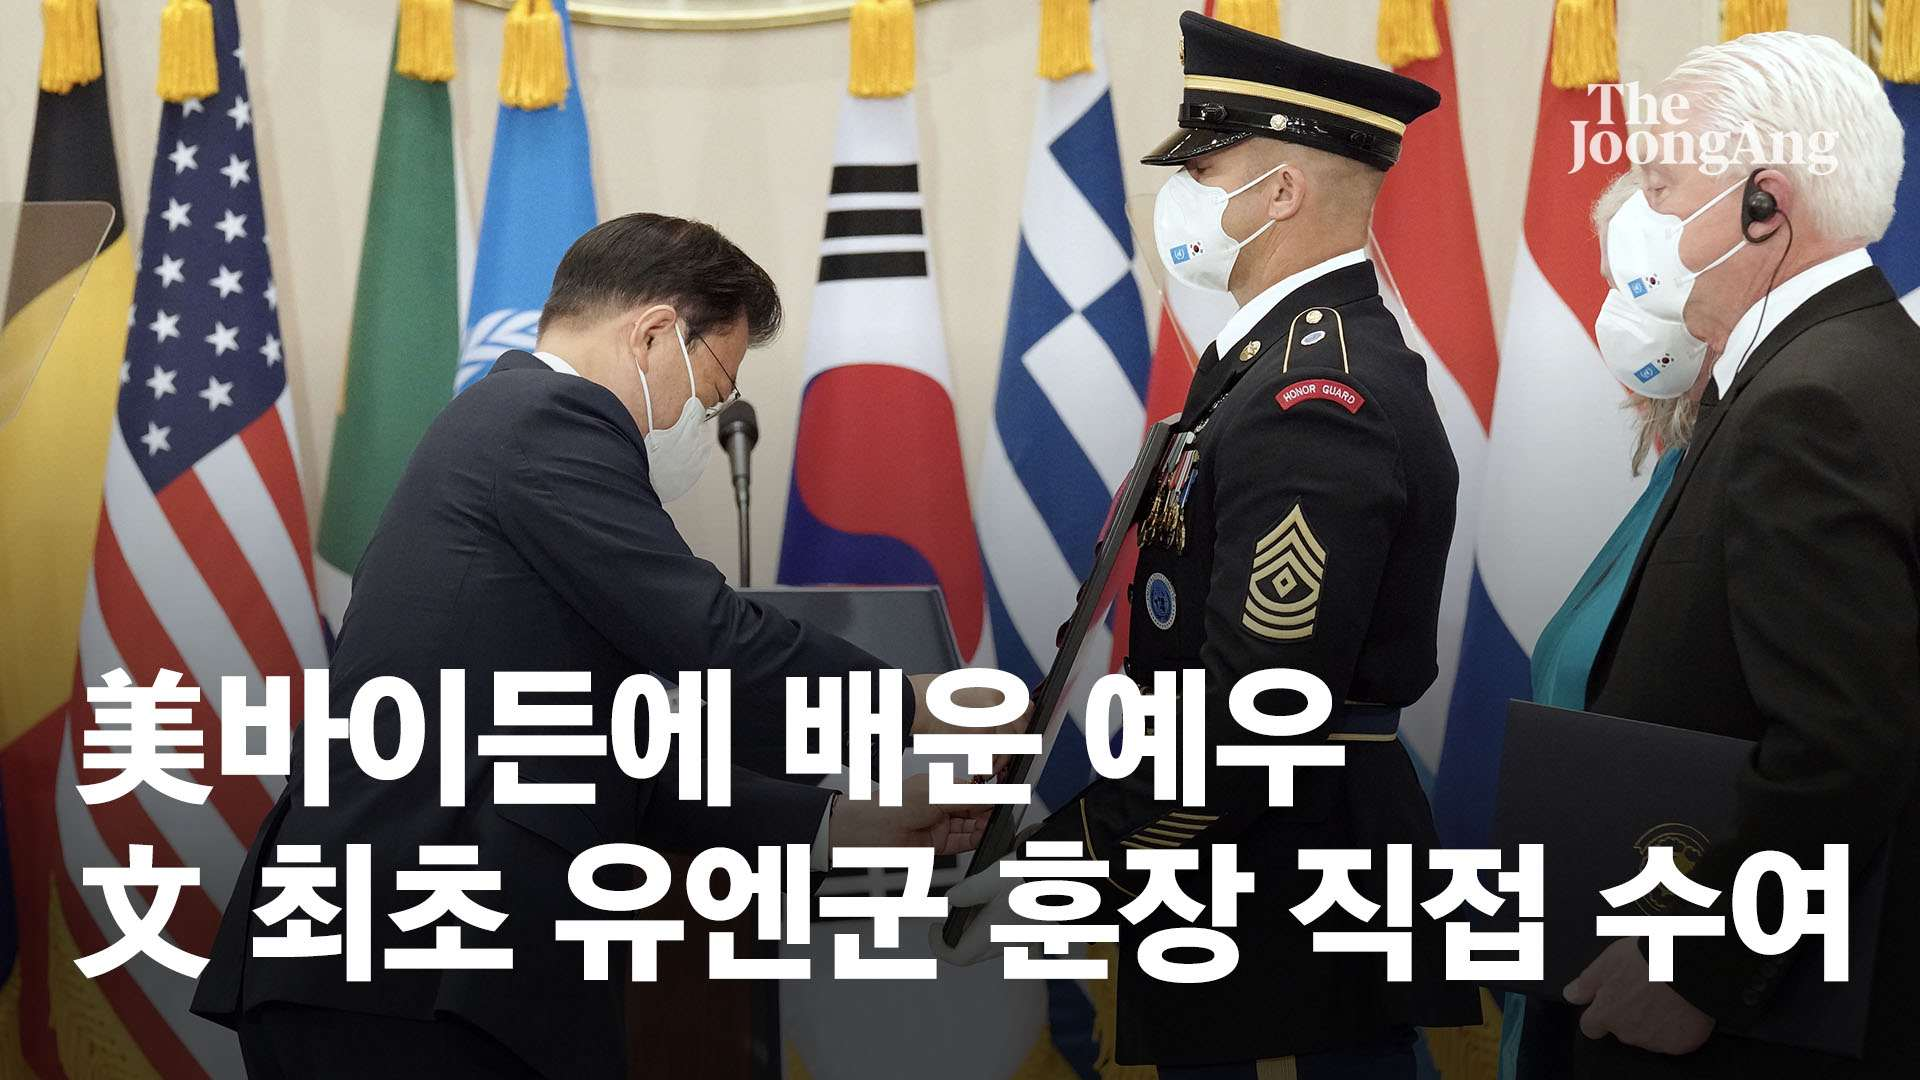 美바이든에 배운 예우…文, 최초로 유엔군 용사 훈장 직접 수여